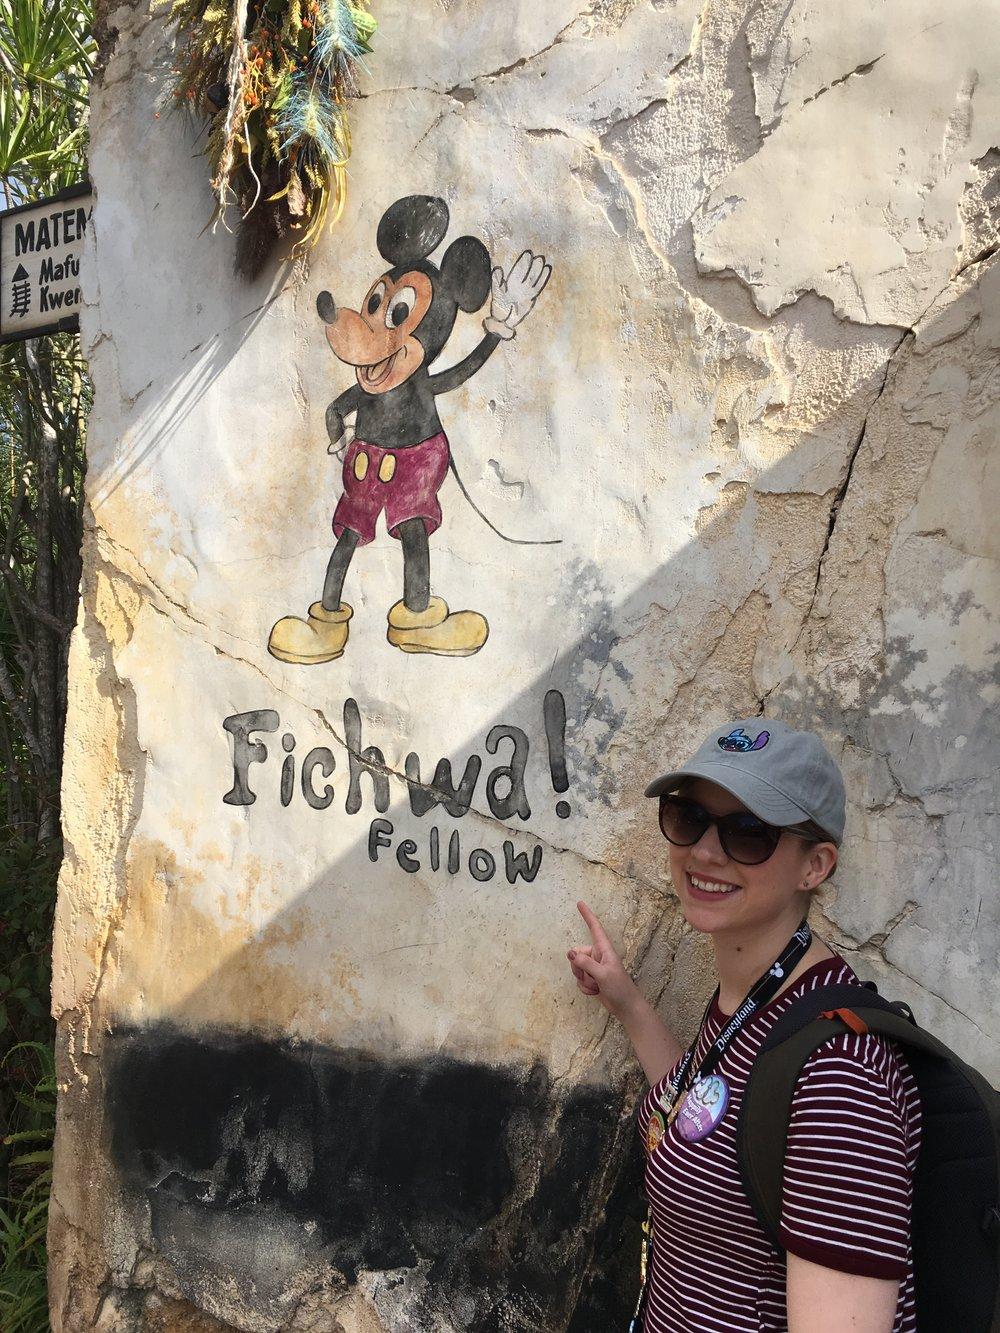 Fichwa means hidden!